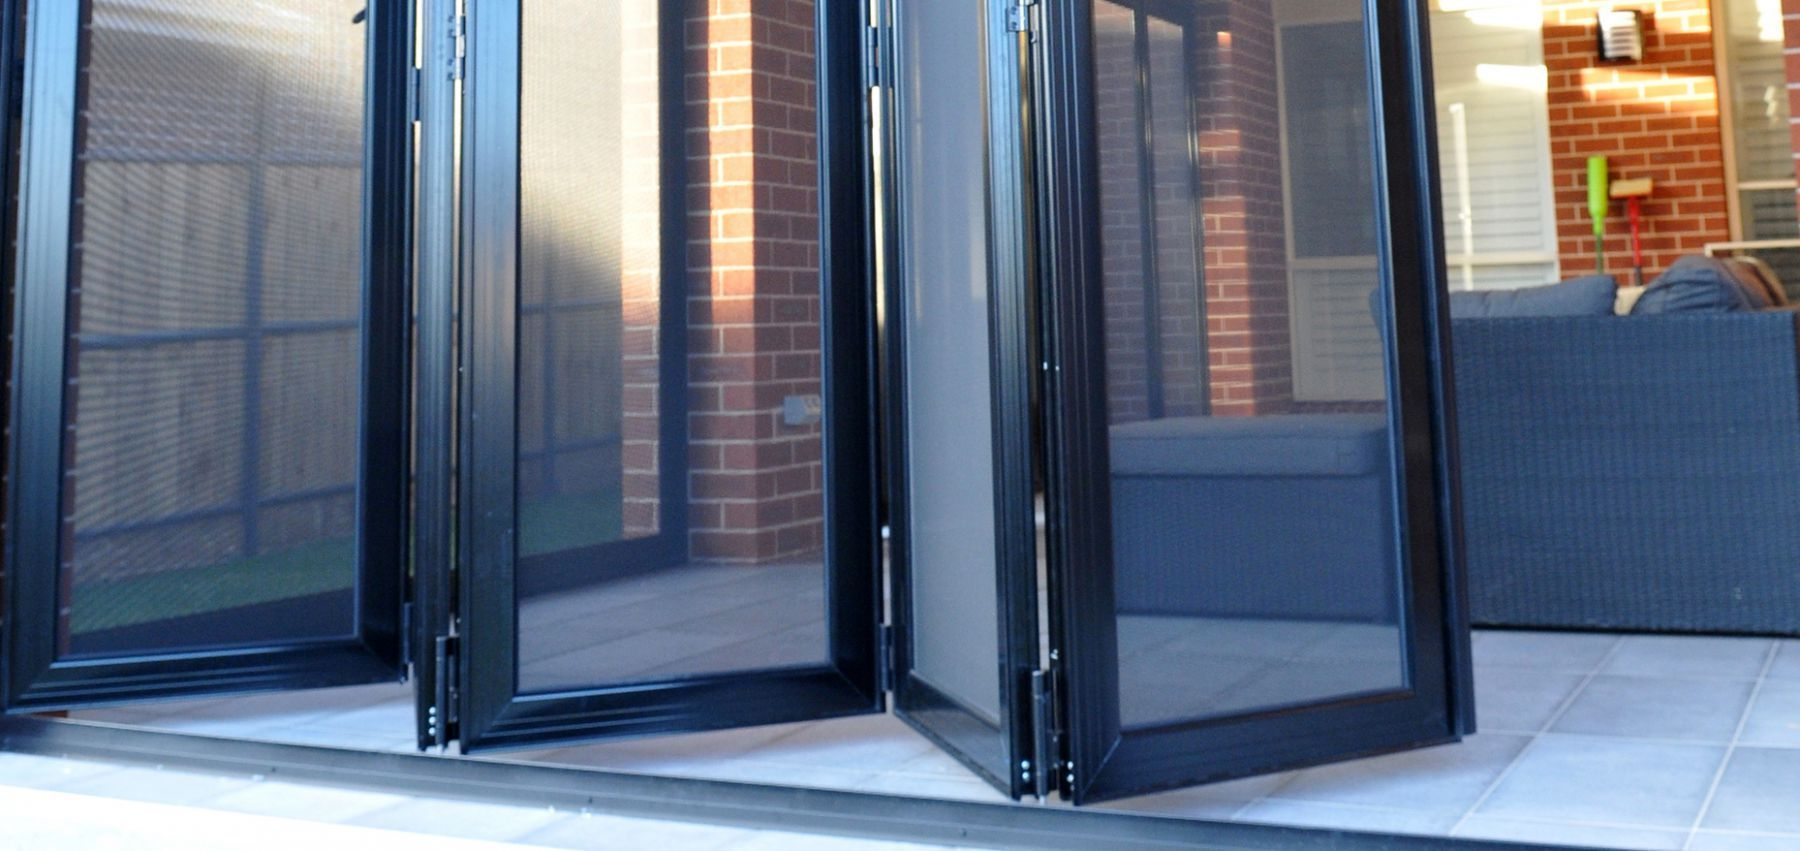 Crimsafe bifold security doors security screen